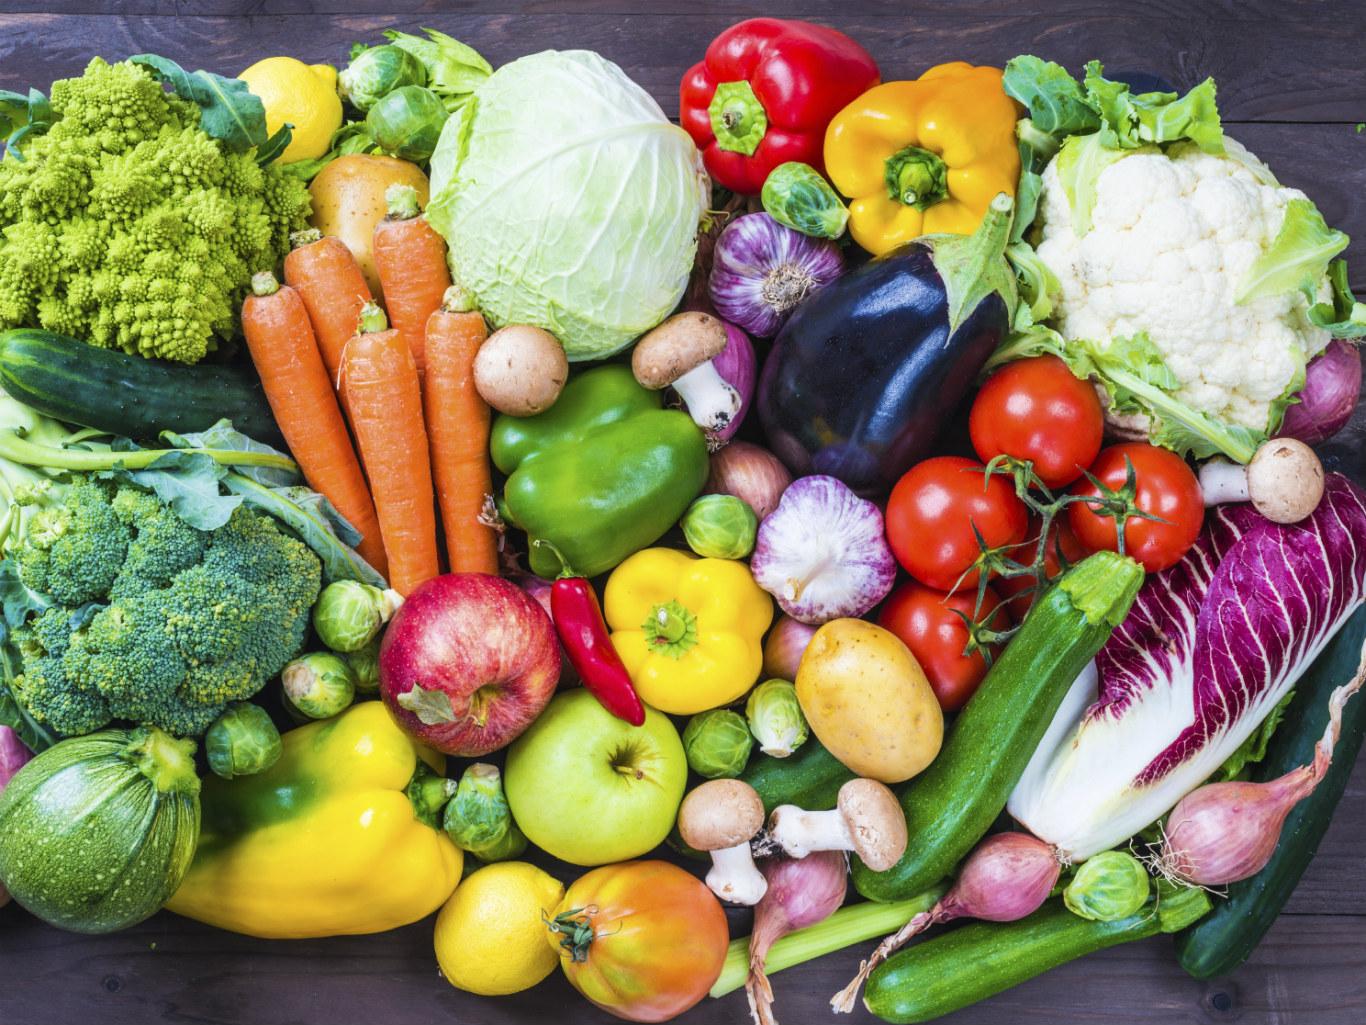 Яблоки также необходимо регулярно употреблять воду овощи и фрукты содержащие